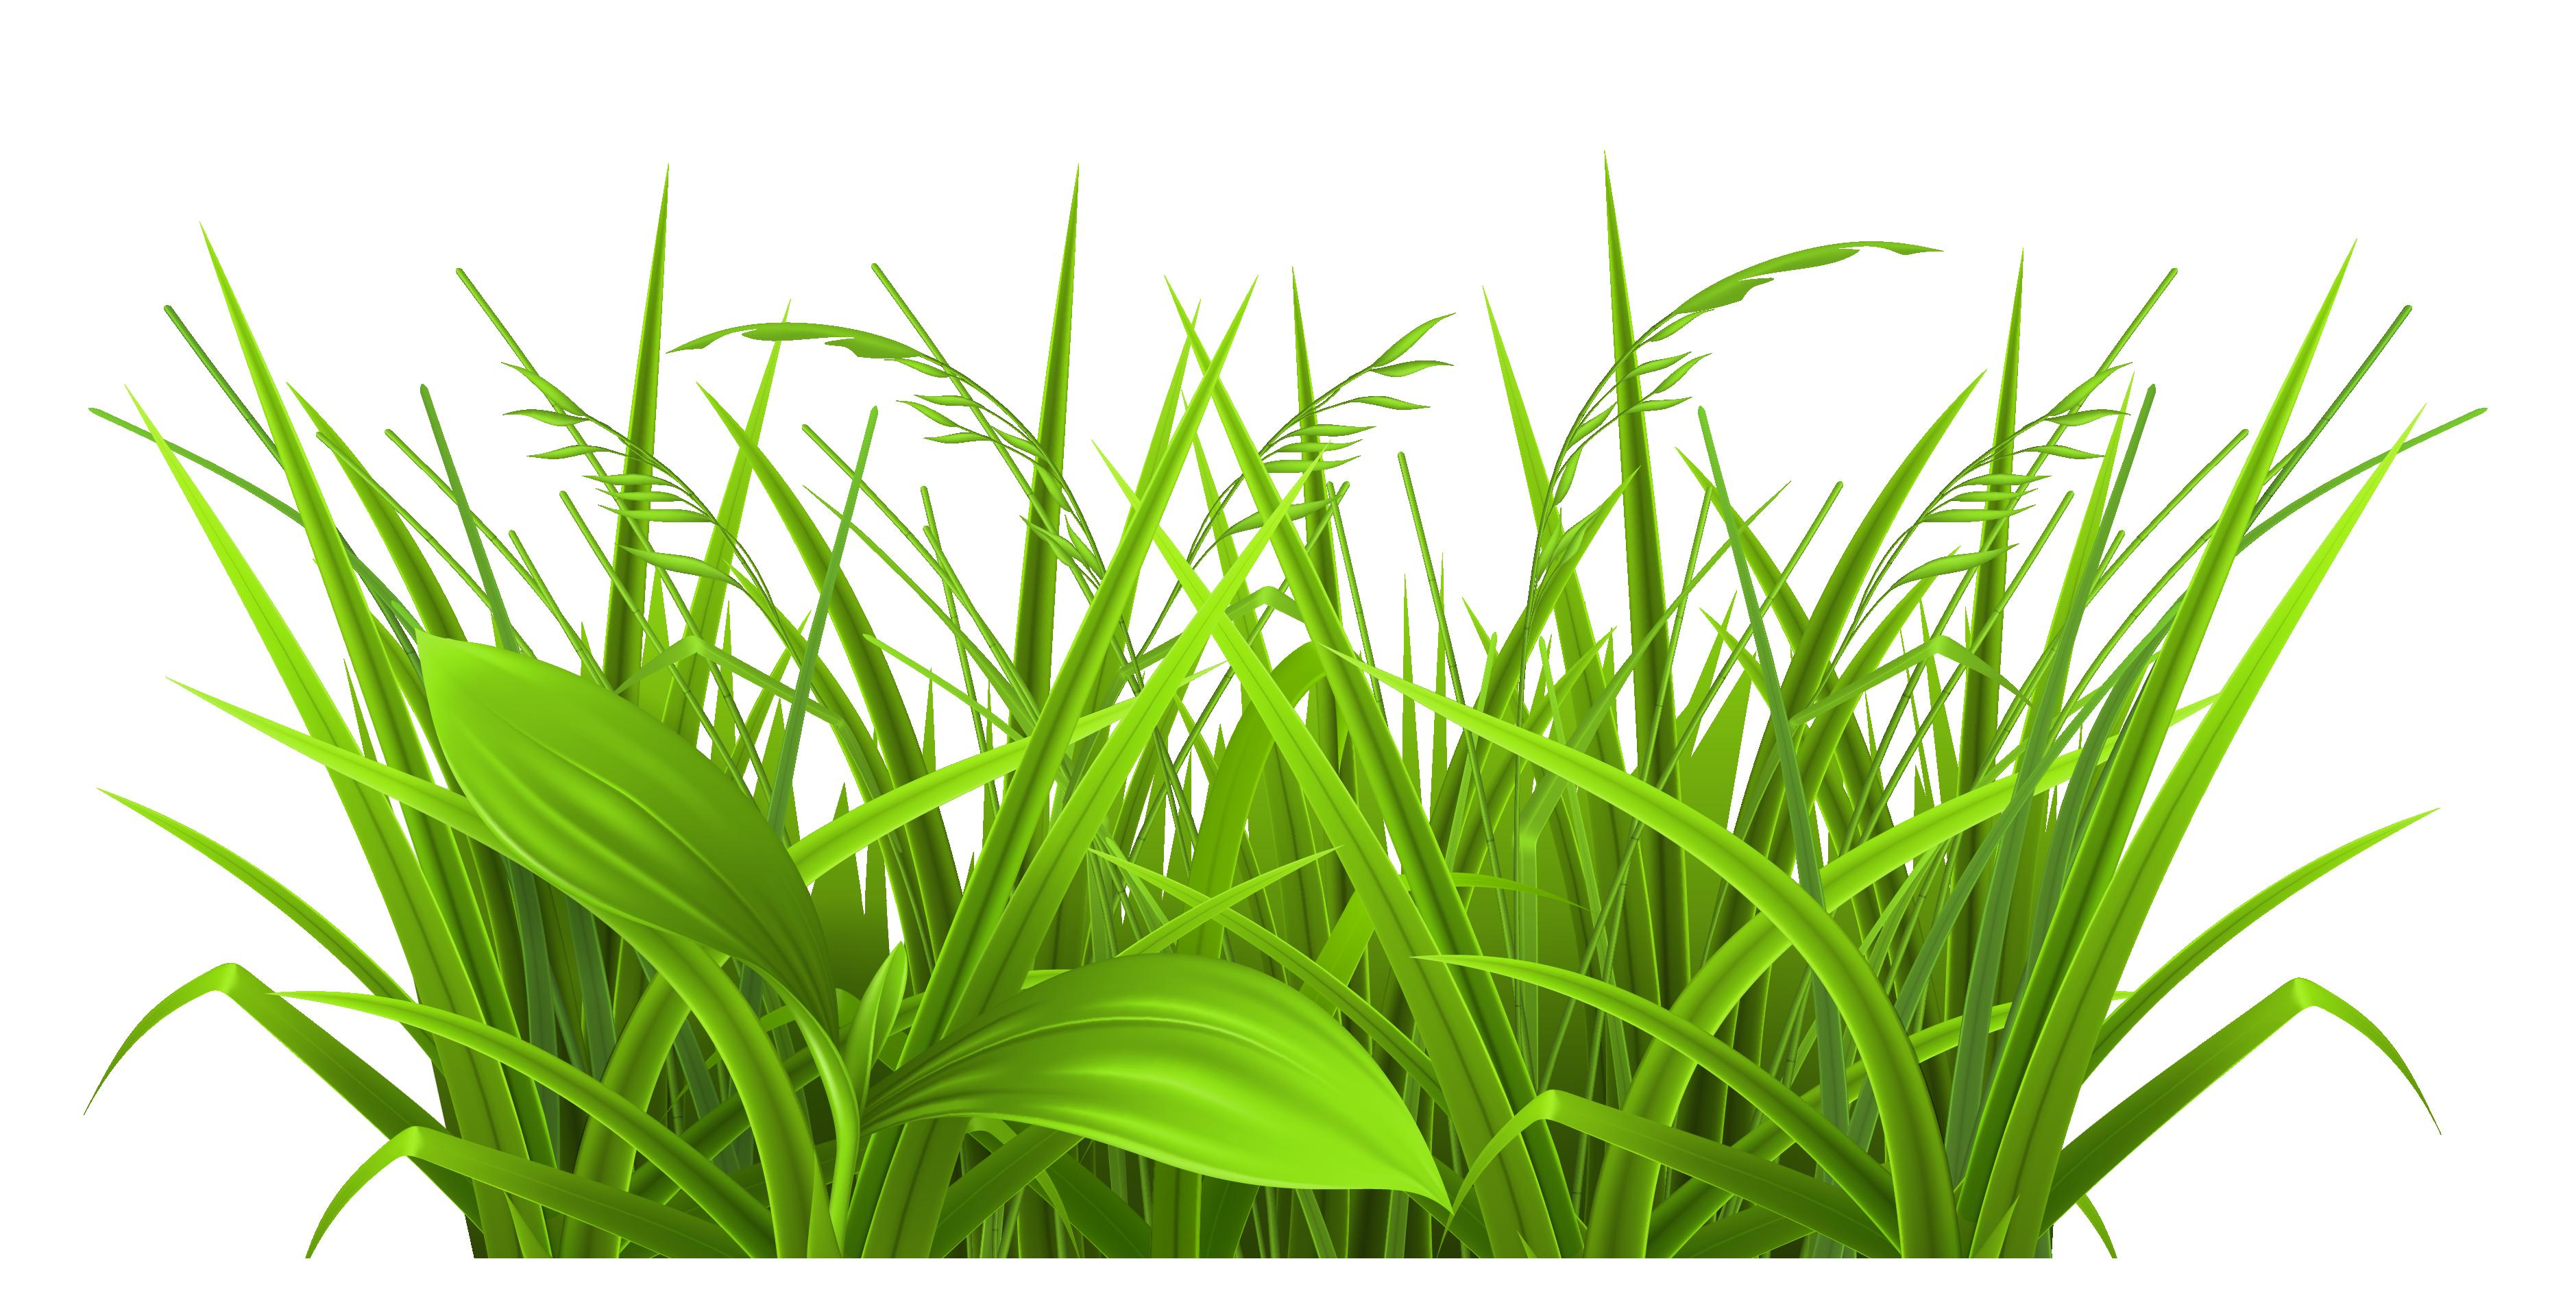 3758x1907 Rainforest Clipart Grass